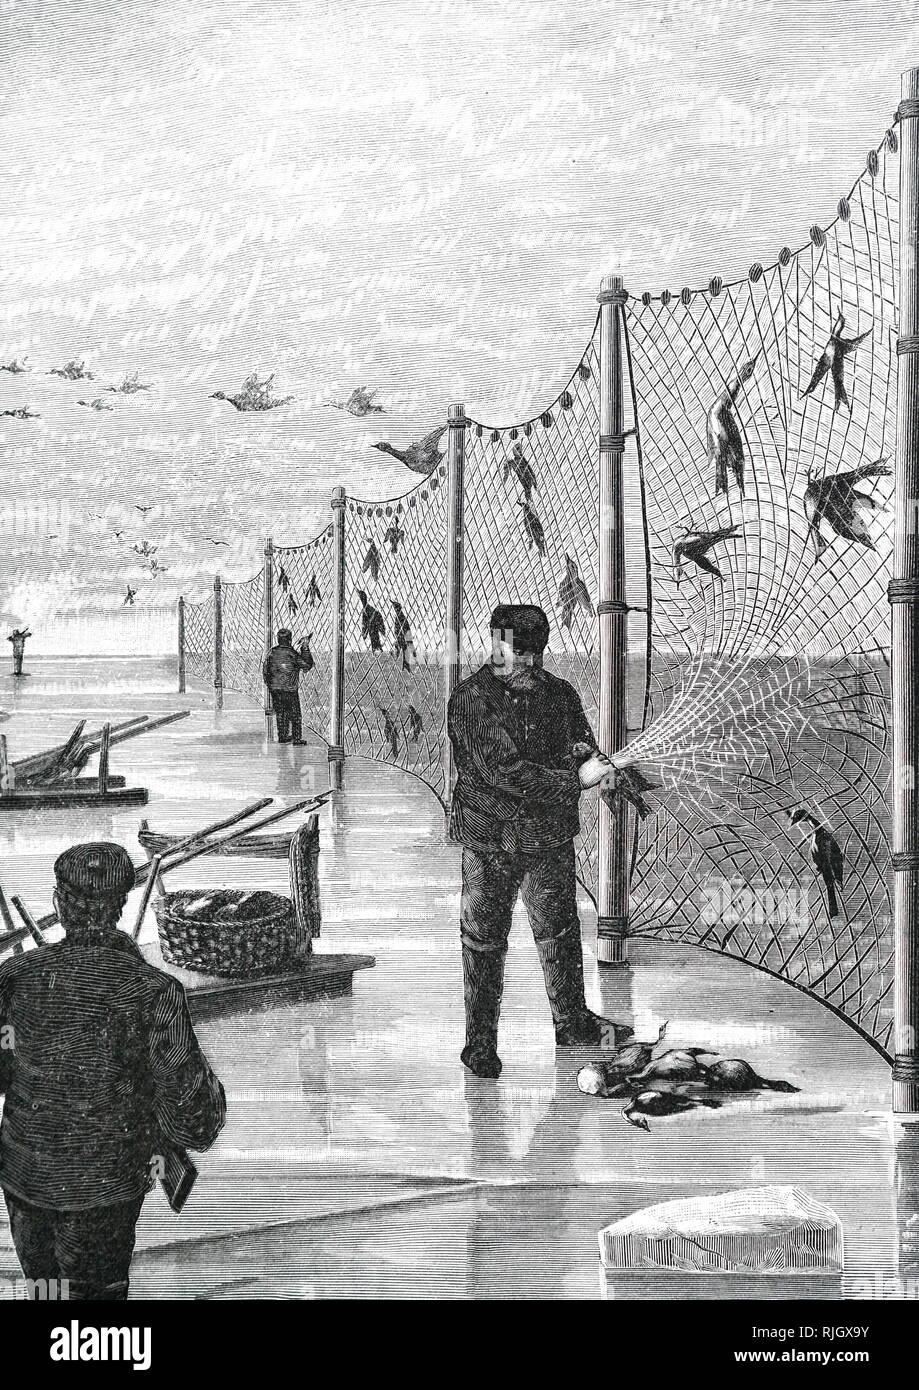 Un Grabado Representando A Los Pescadores La Compensación De Aves